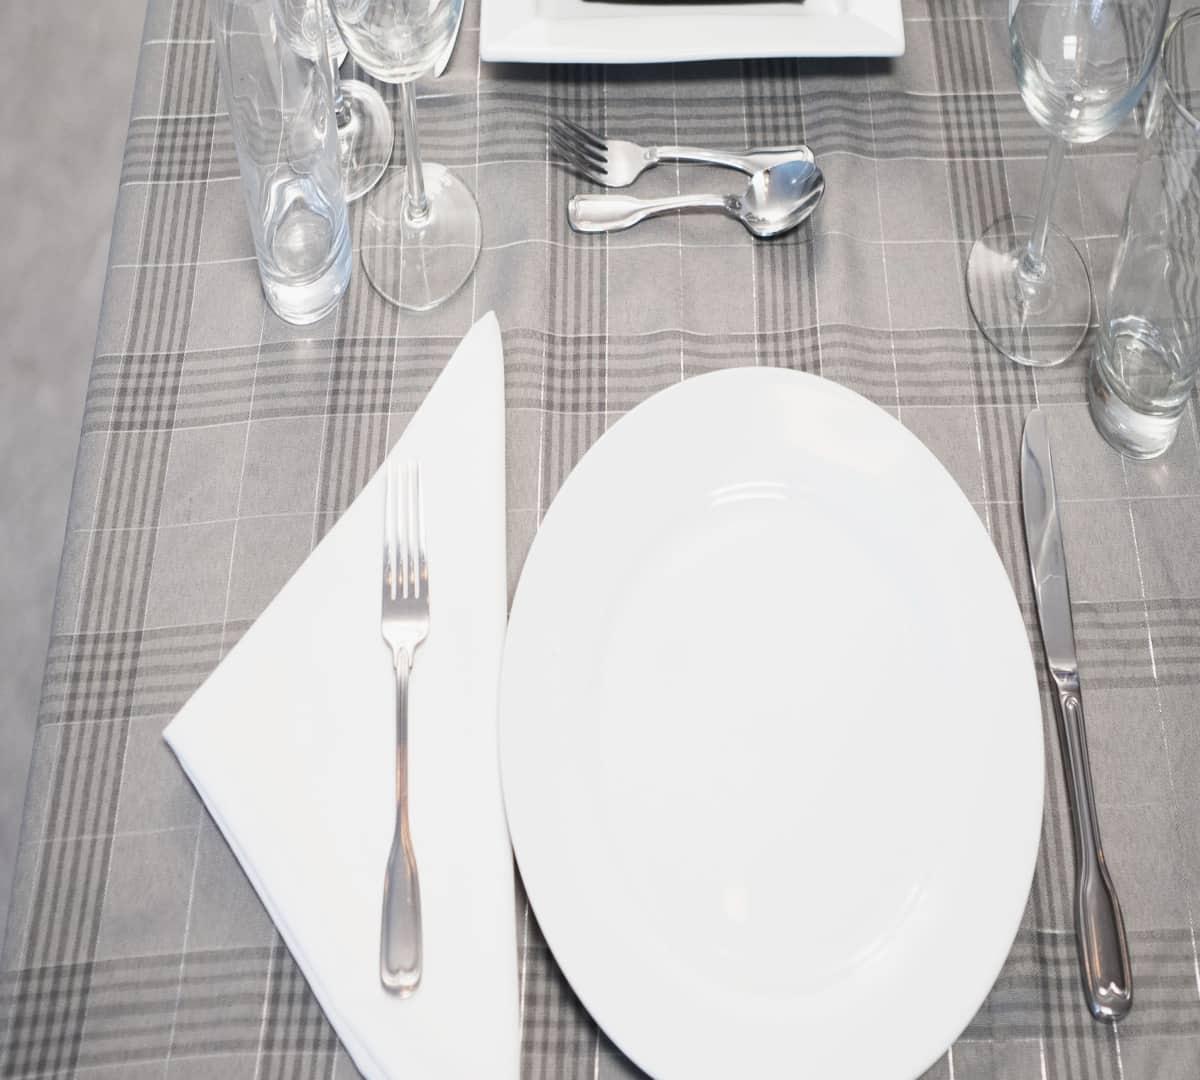 Comment dresser une table selon Denis Grondin